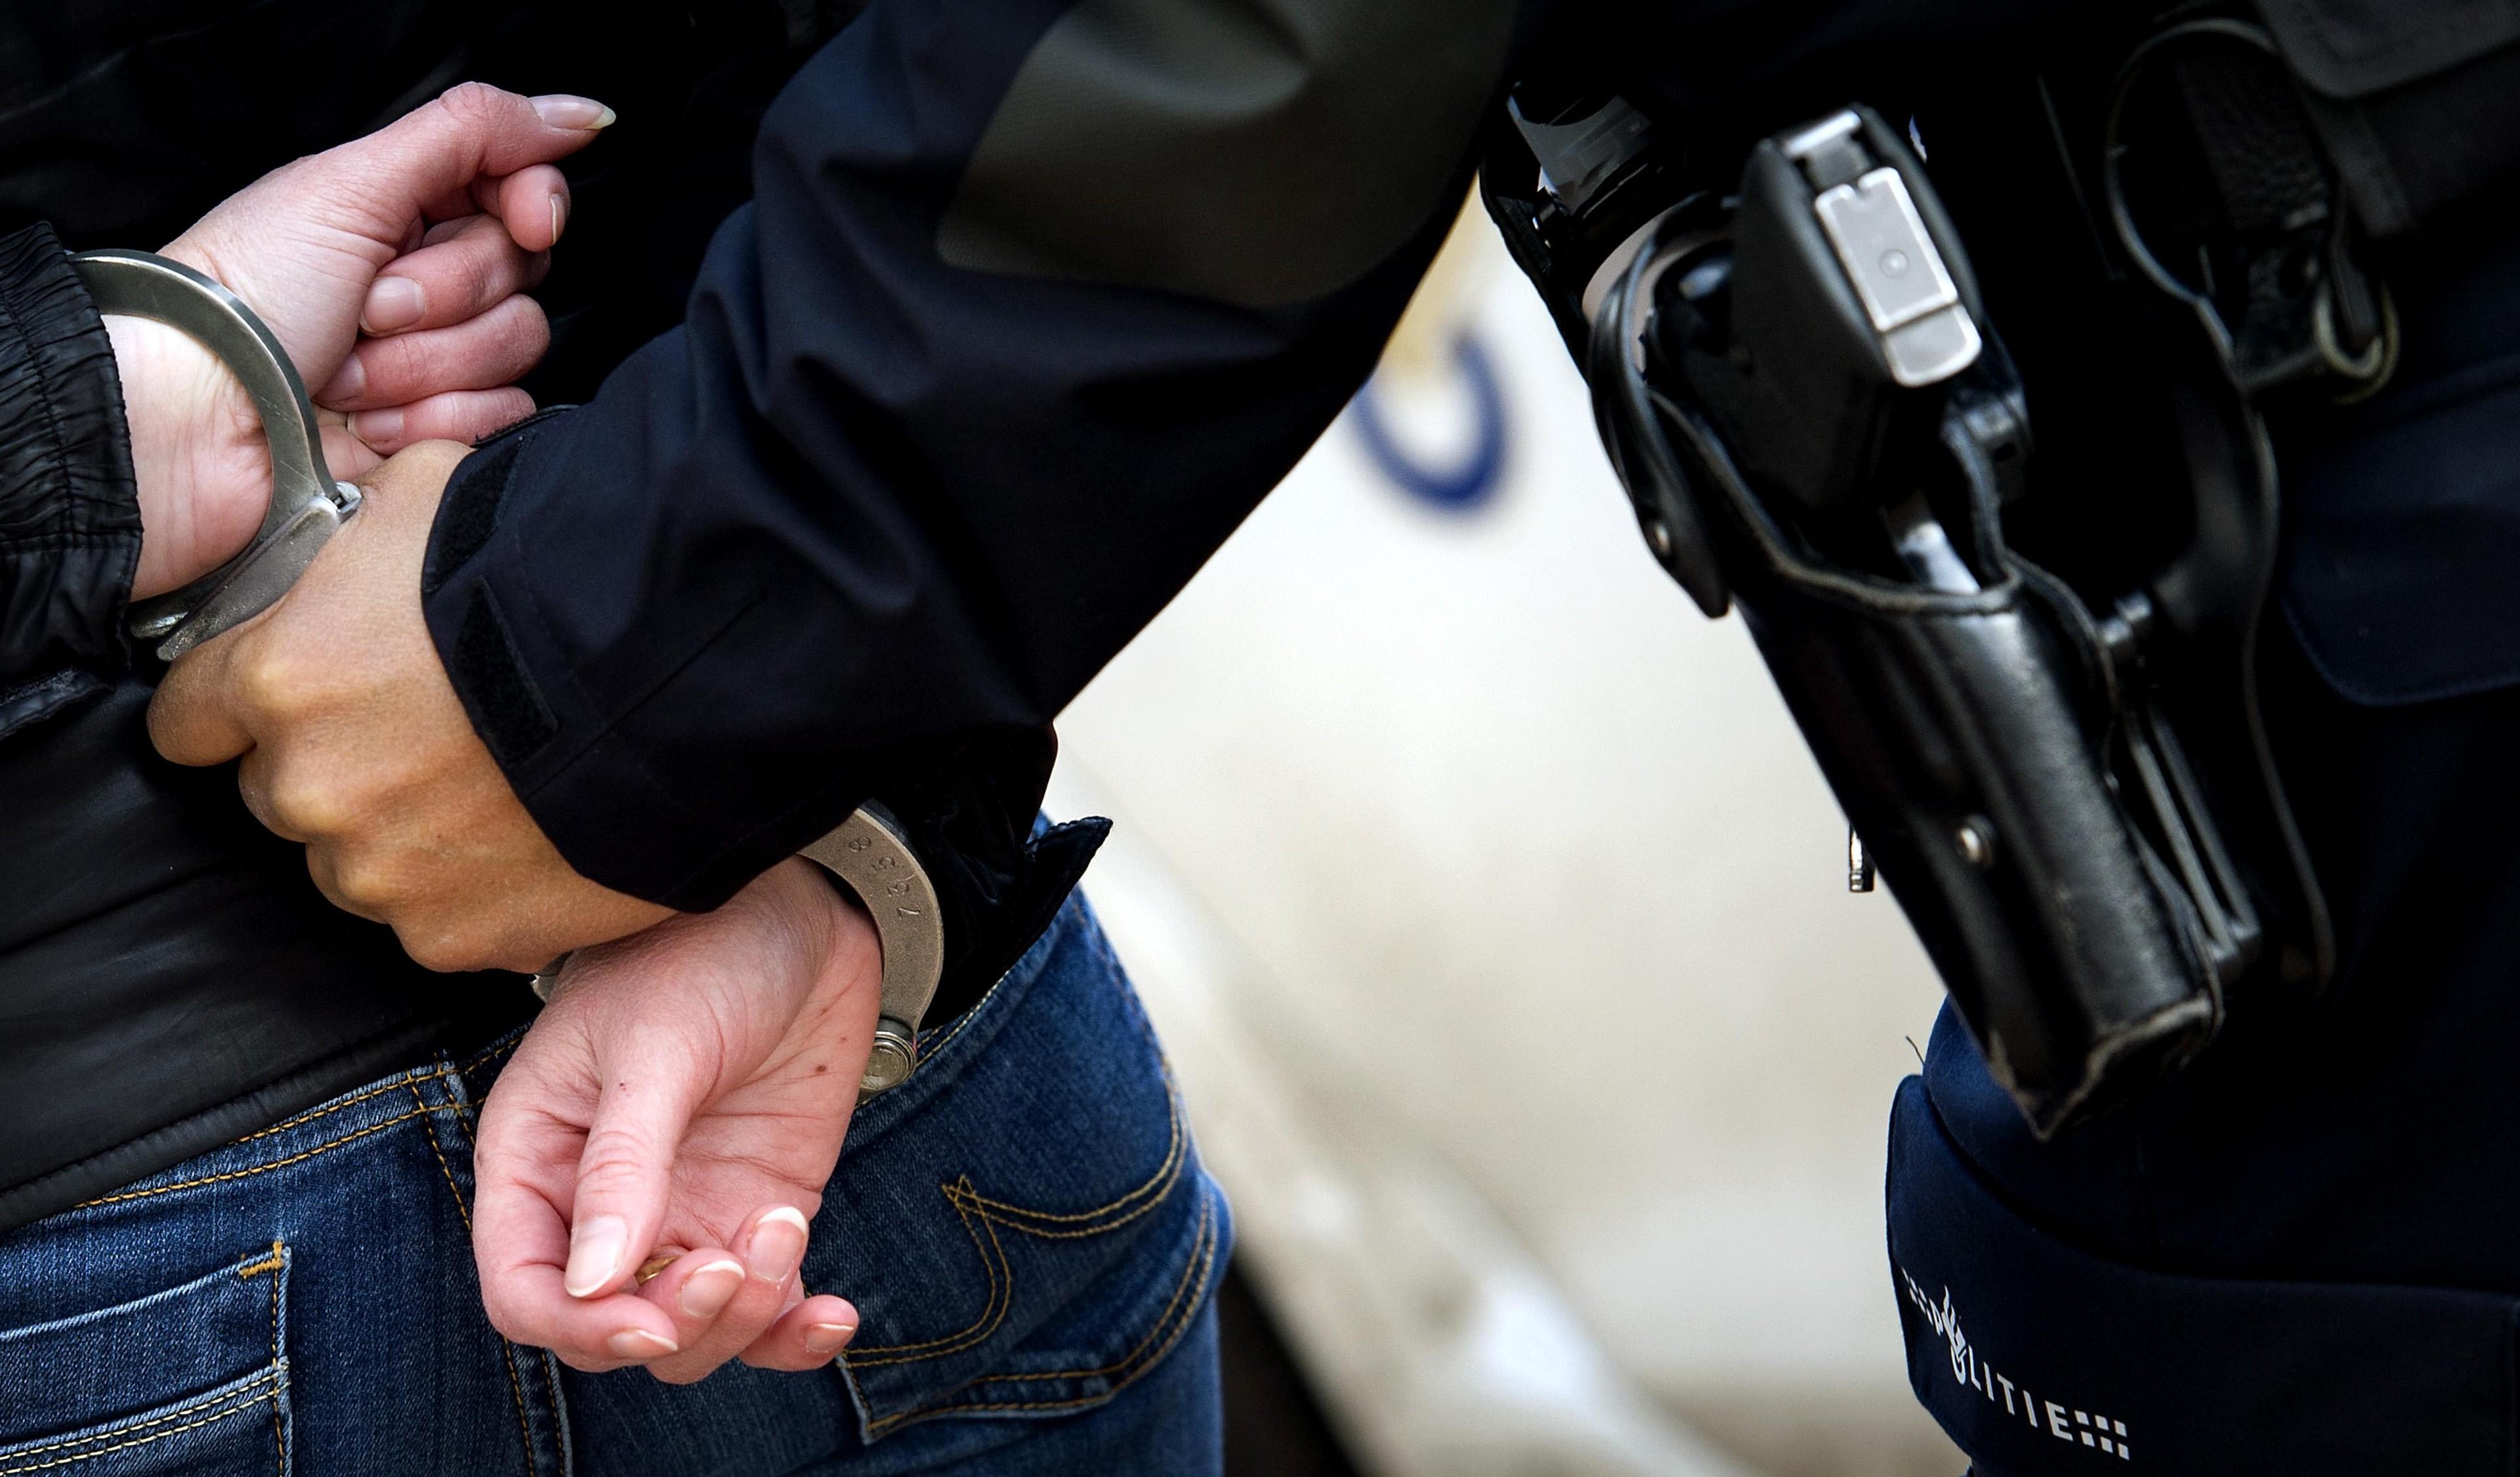 Man uit Soest aangehouden voor woninginbraken en afpersing - Noordhollands Dagblad